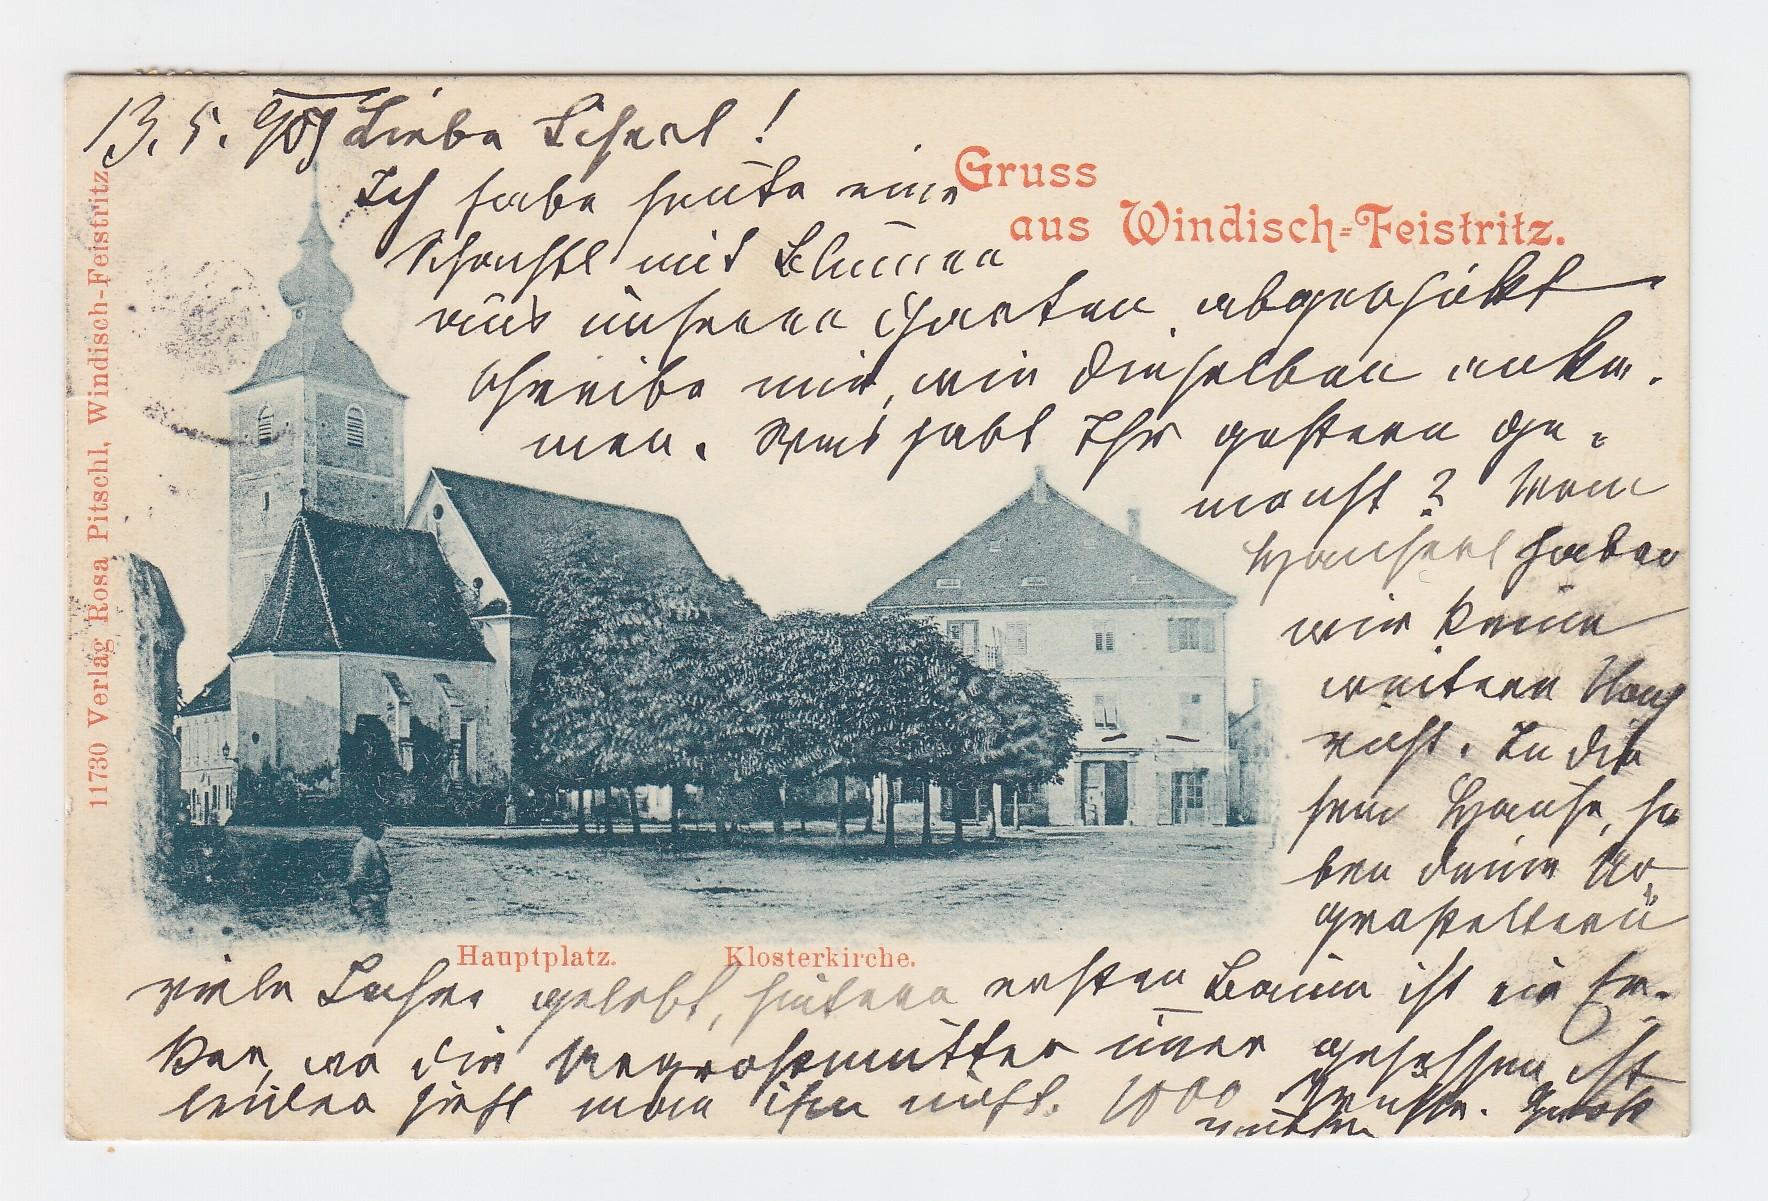 Gruss aus Windisch=Feitstritz. Hauptplatz. Klosterkirche.